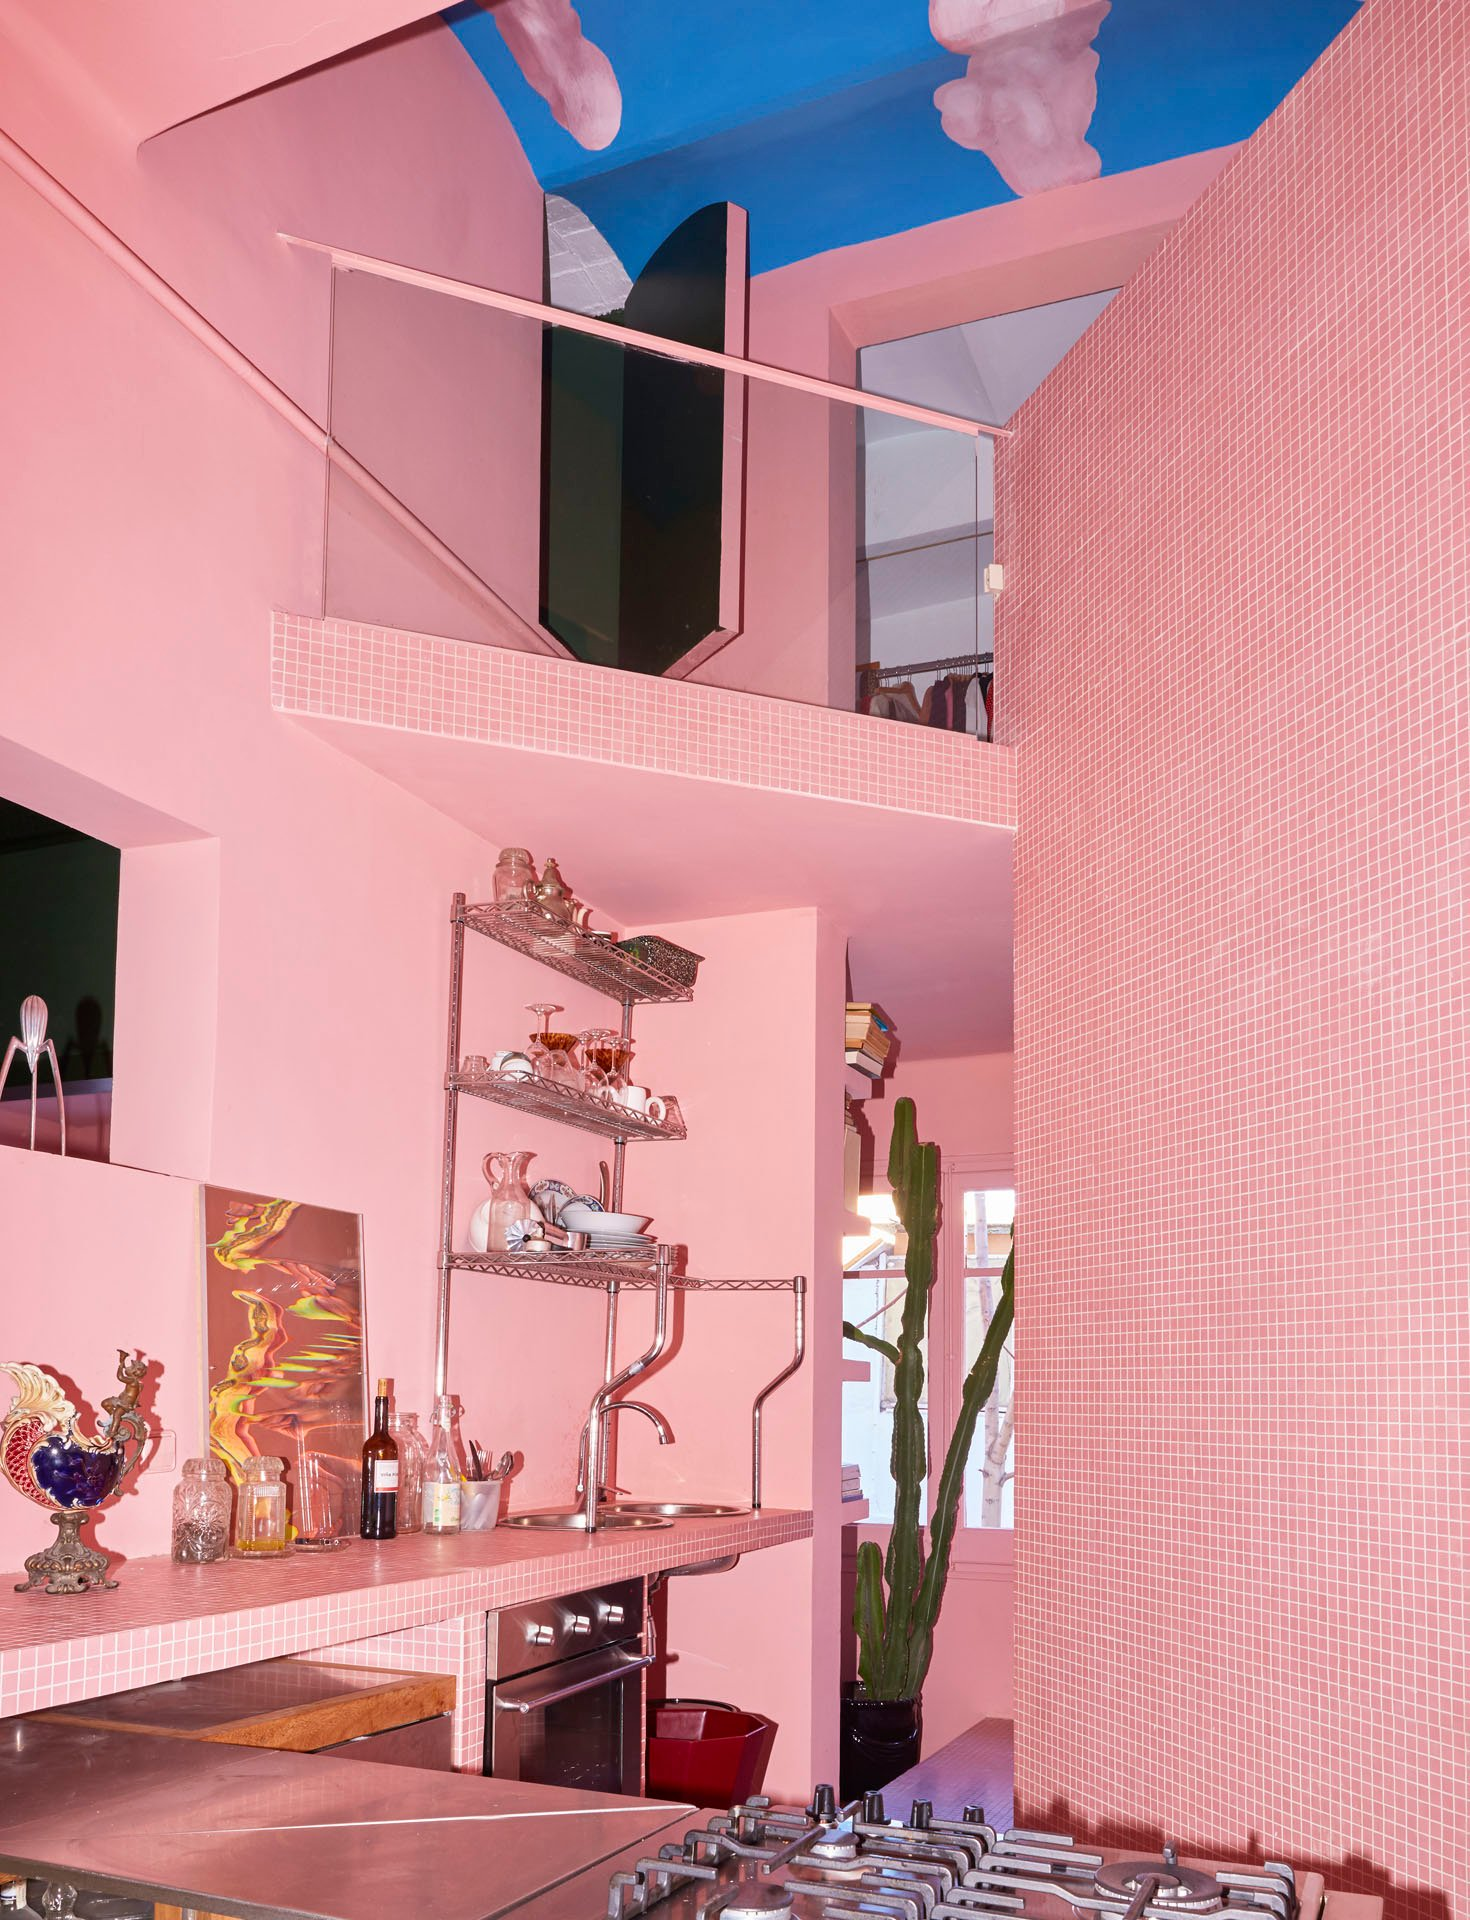 Casa horta la casa dei sogni dell interior designer for Piani personalizzati per la casa dei sogni